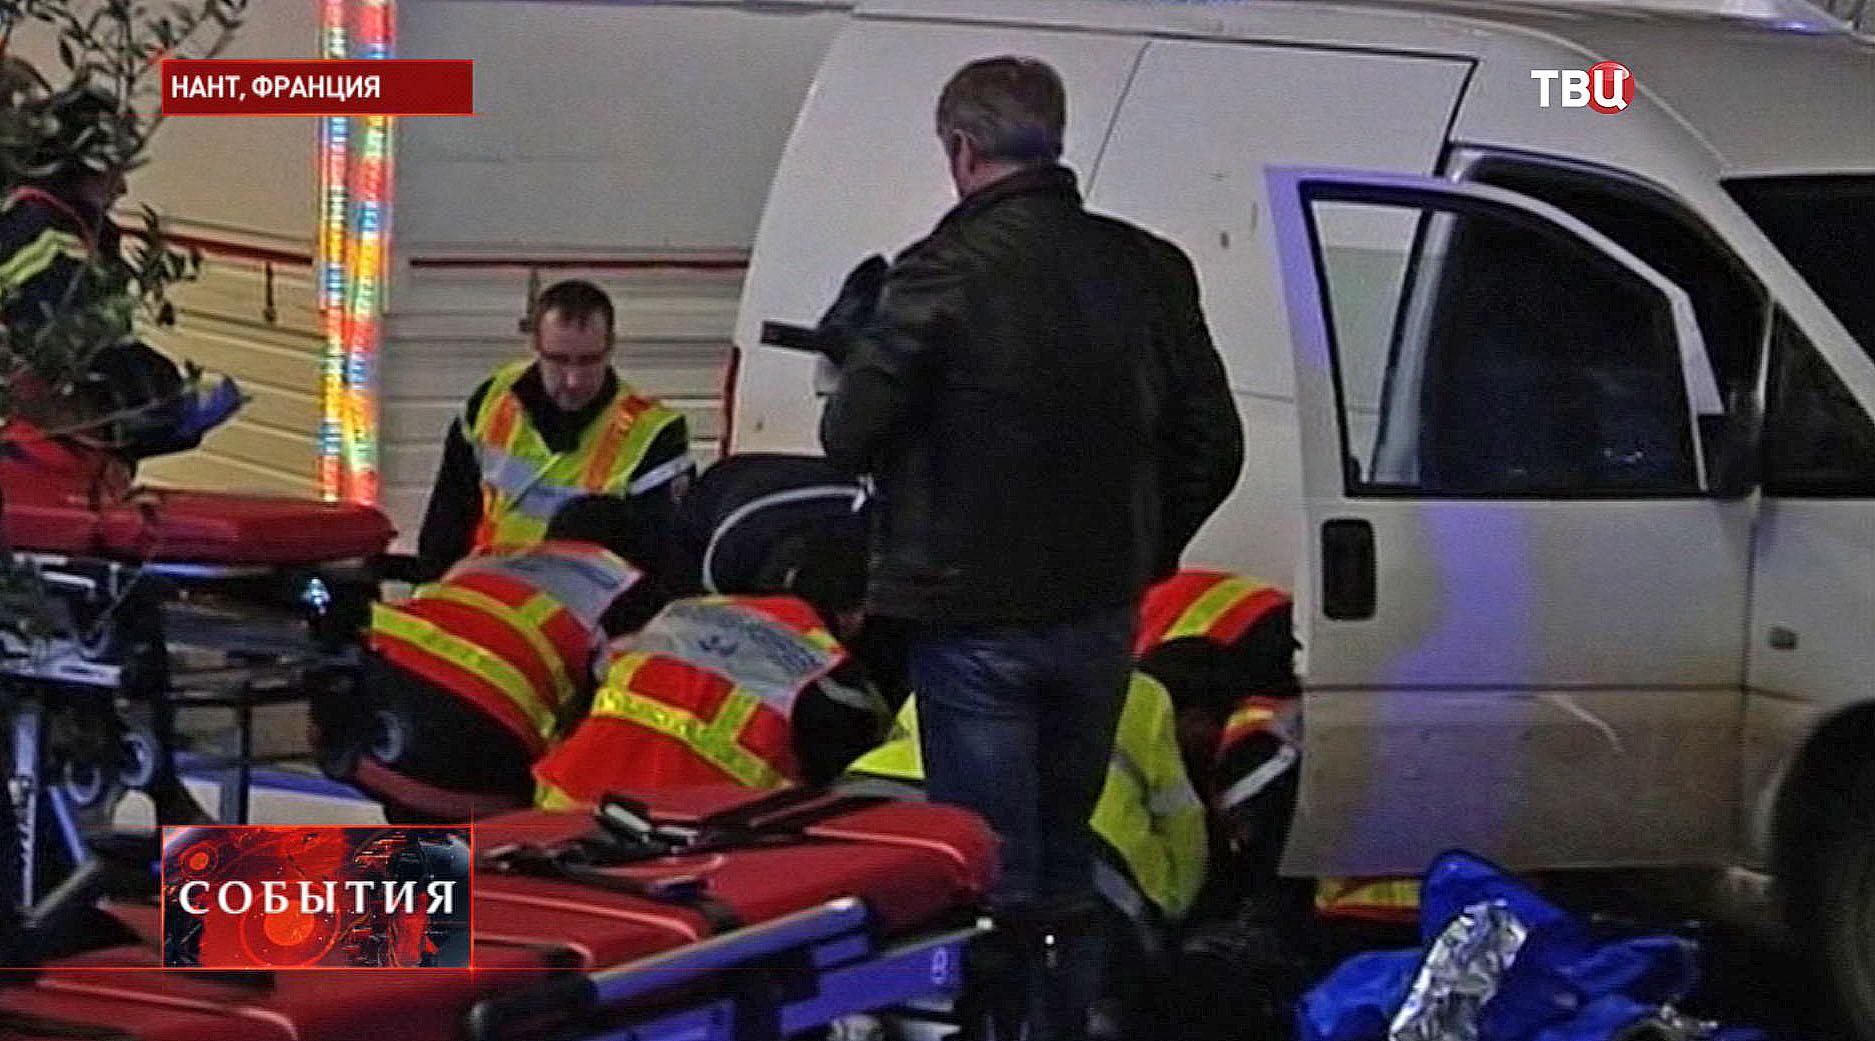 Скорая помощь на месте ДТП во Франции